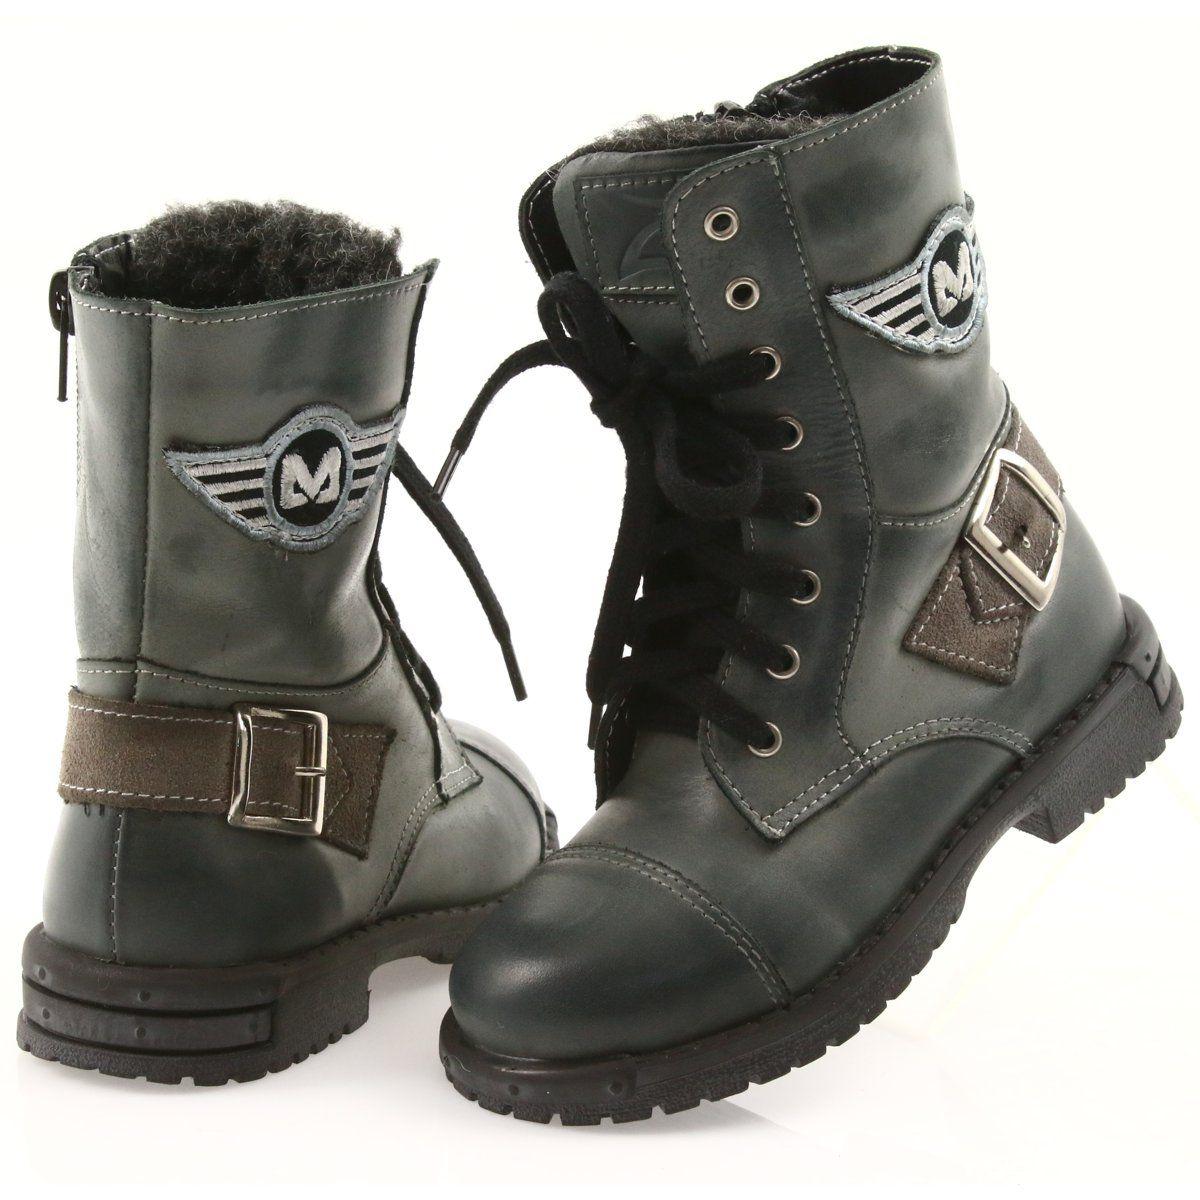 Kozaczki Buty Dzieciece Zarro 933 Szare Wielokolorowe Boots Shoes Winter Boot